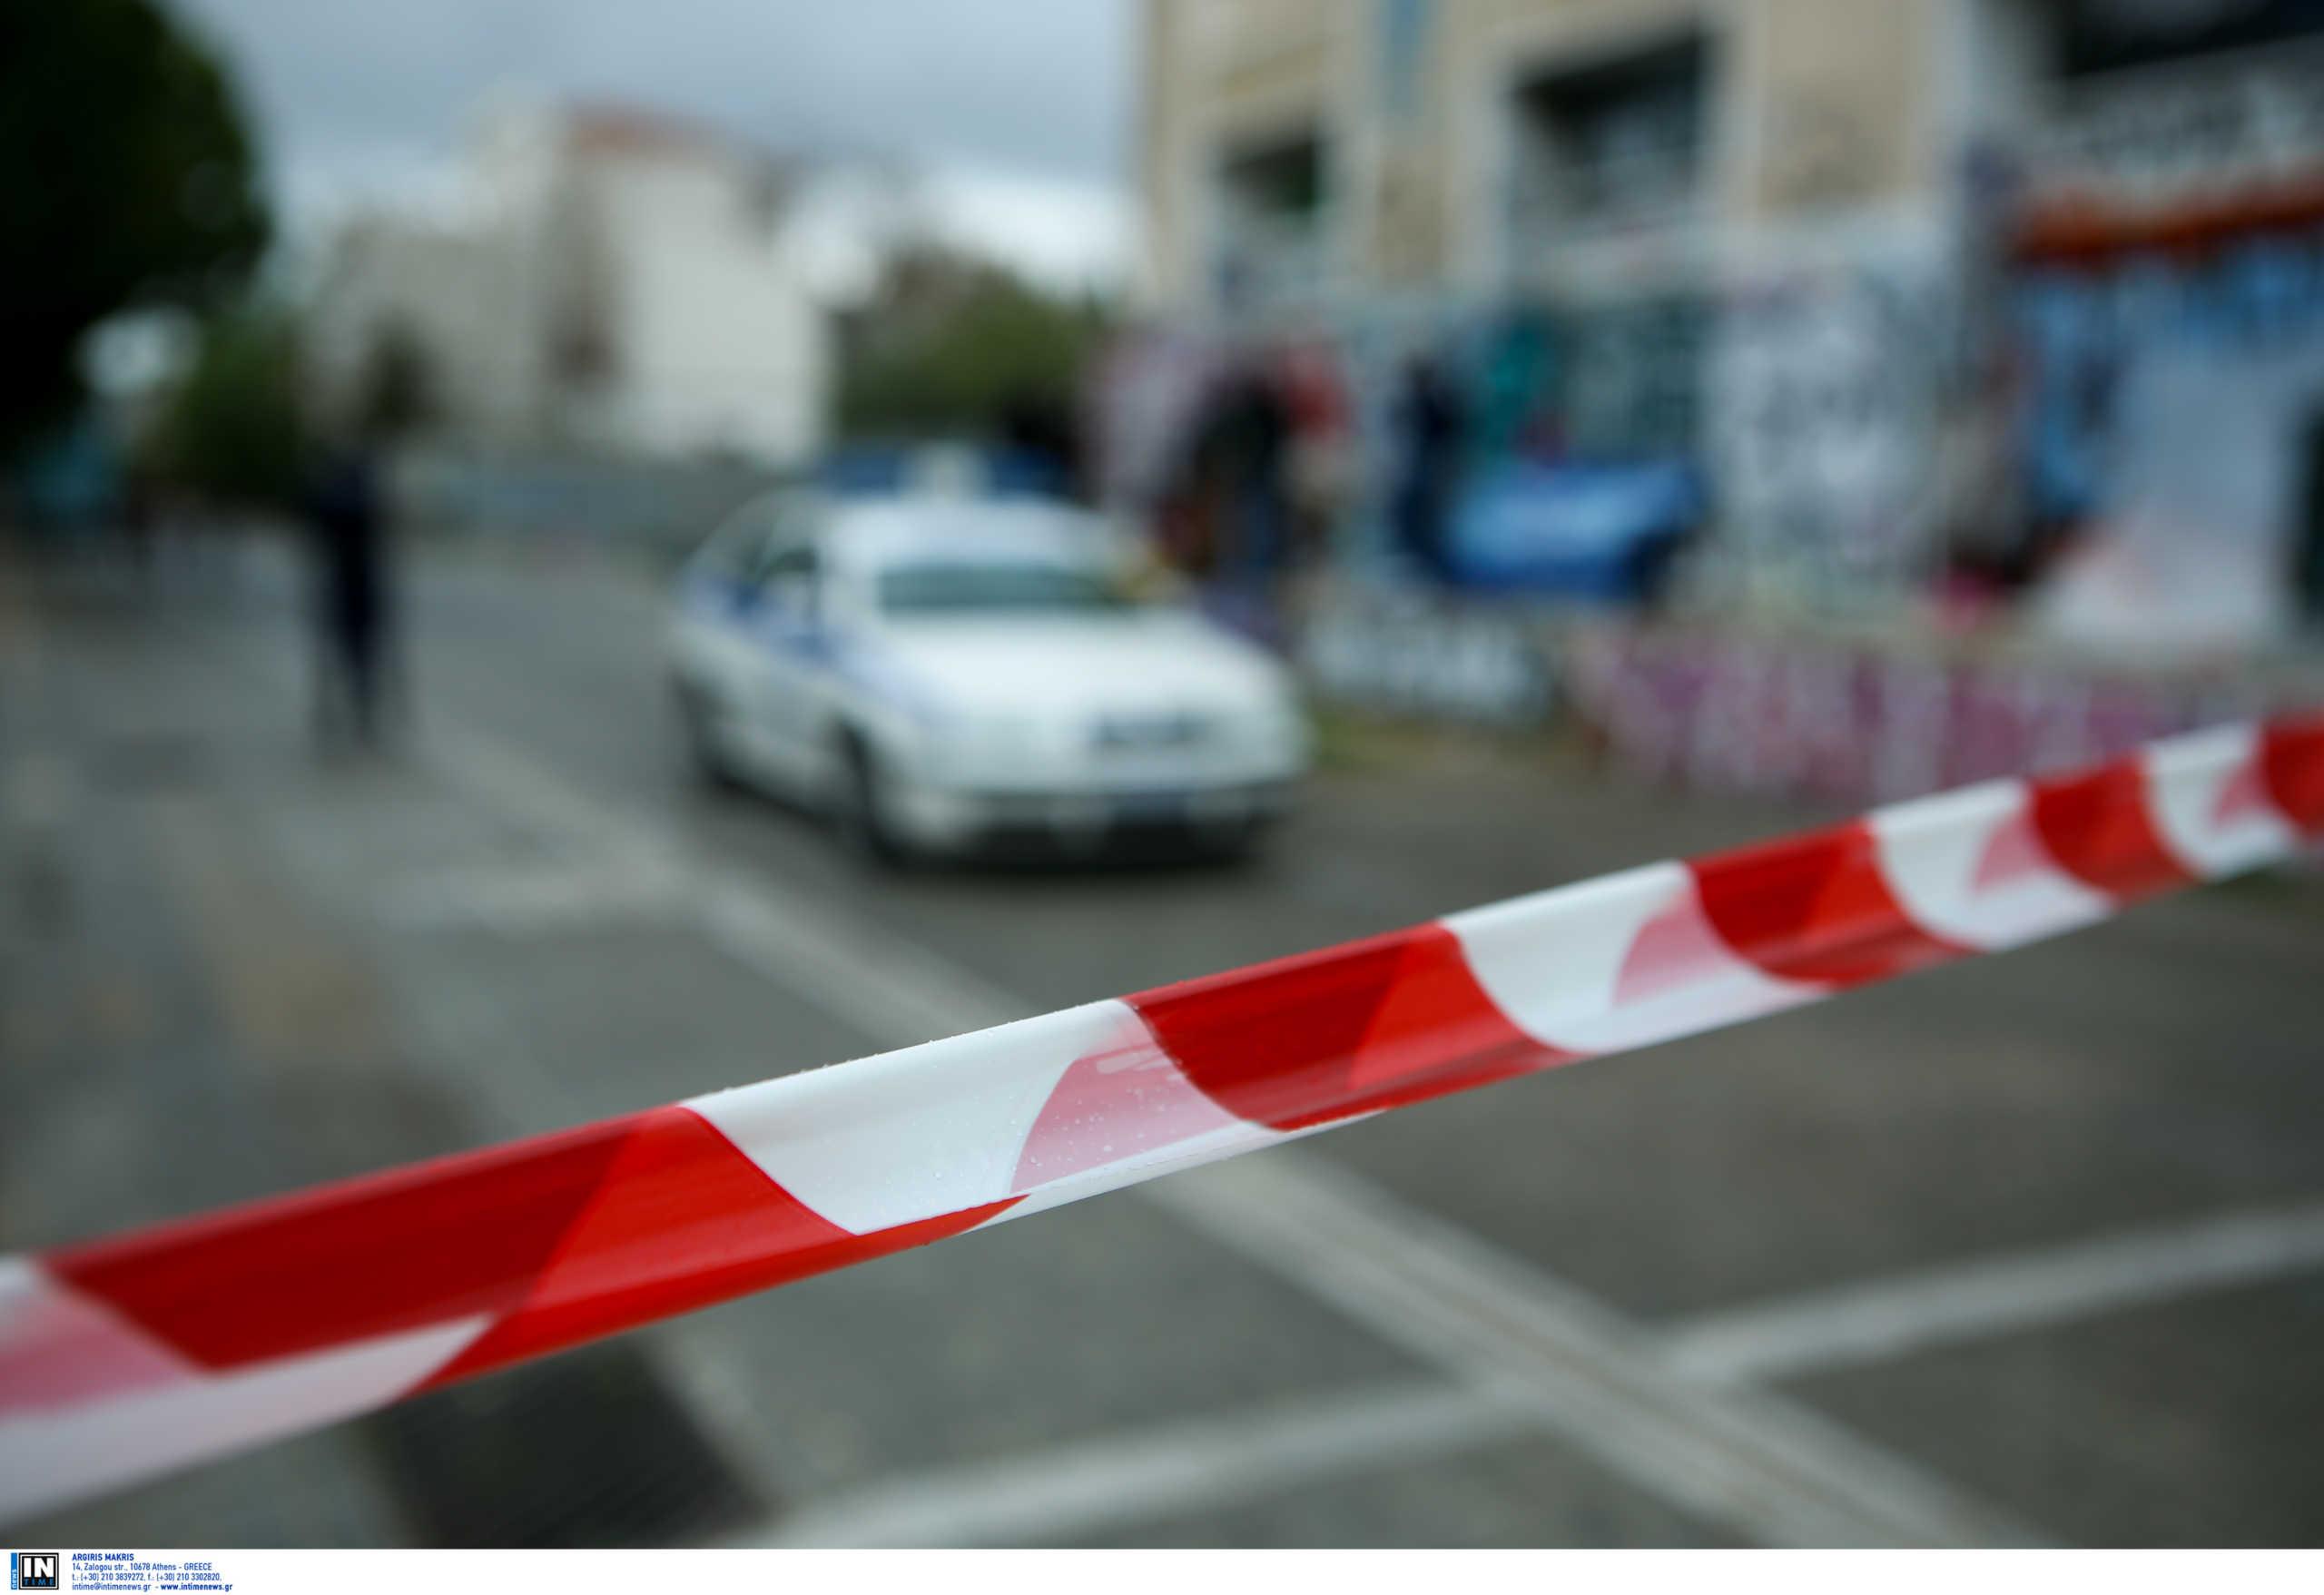 Κρήτη: Δολοφονία μητέρας τριών παιδιών – Φρίκη σε μεζονέτα στα Χανιά – Ποιος είναι ο βασικός ύποπτος